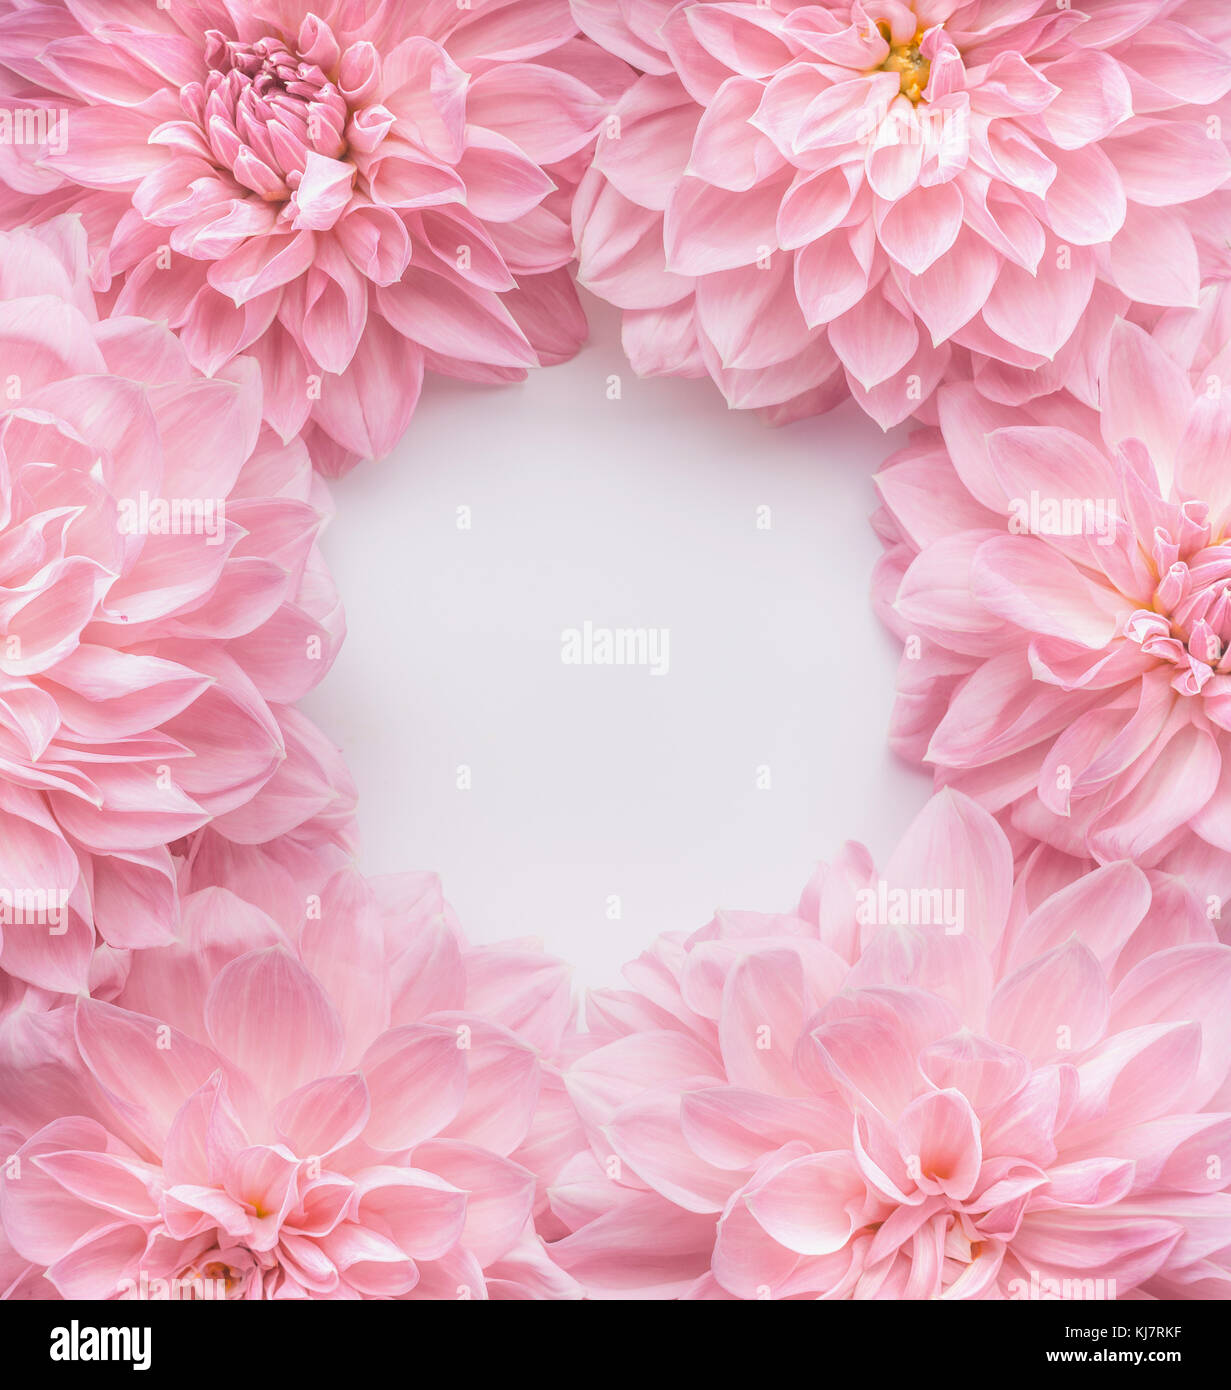 Kreative Pastell Rosa Blumen Rahmen Ansicht Von Oben Layout Oder